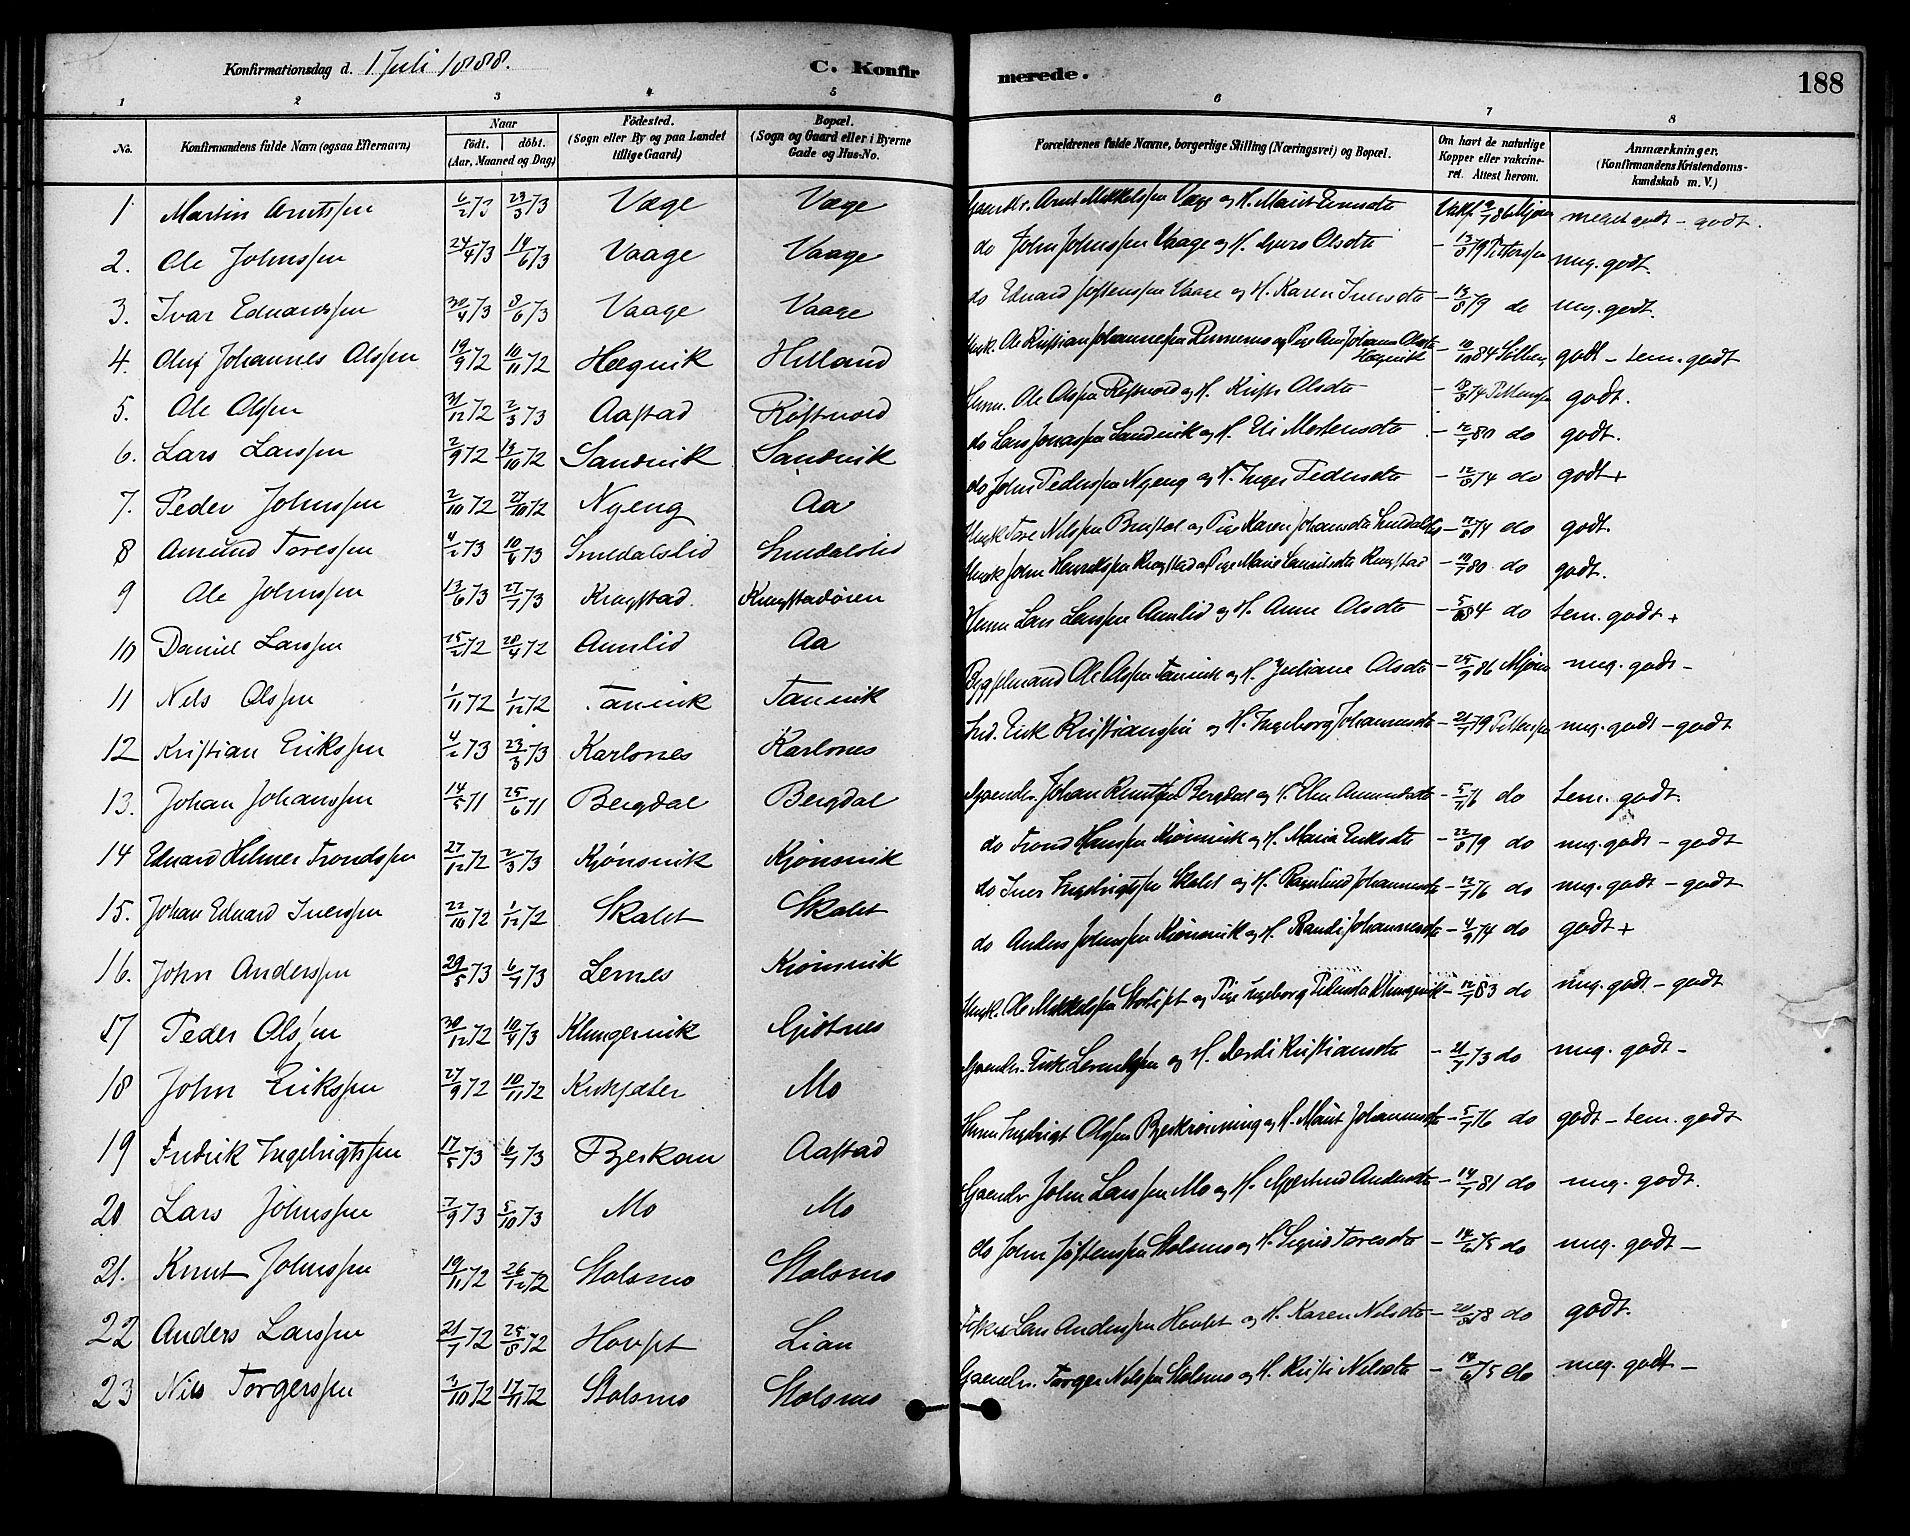 SAT, Ministerialprotokoller, klokkerbøker og fødselsregistre - Sør-Trøndelag, 630/L0496: Ministerialbok nr. 630A09, 1879-1895, s. 188